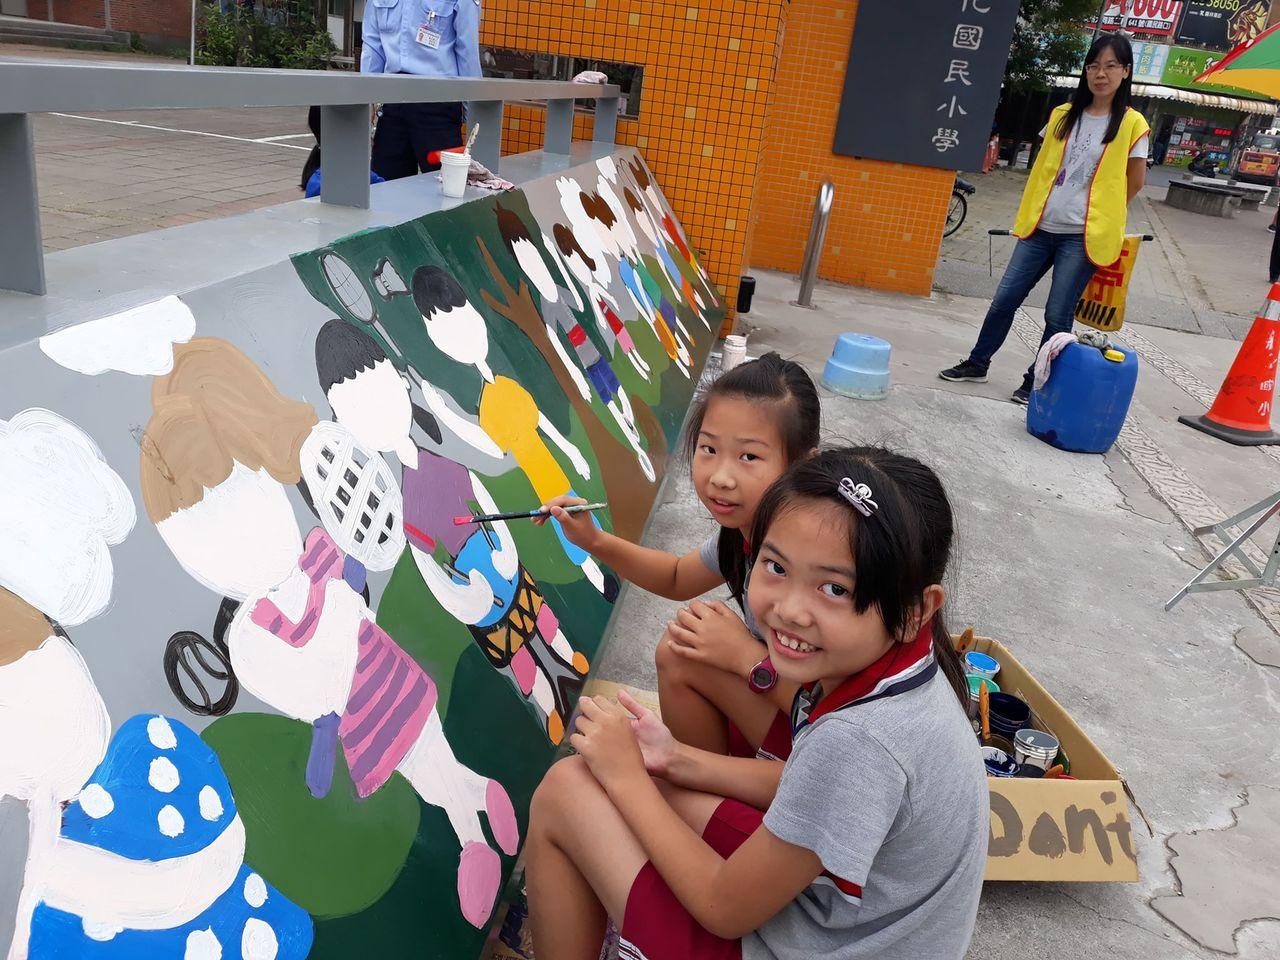 台南市新化國小六年級學生彩繪校門,第一次用油漆作畫都覺得有趣。圖/新化國小提供